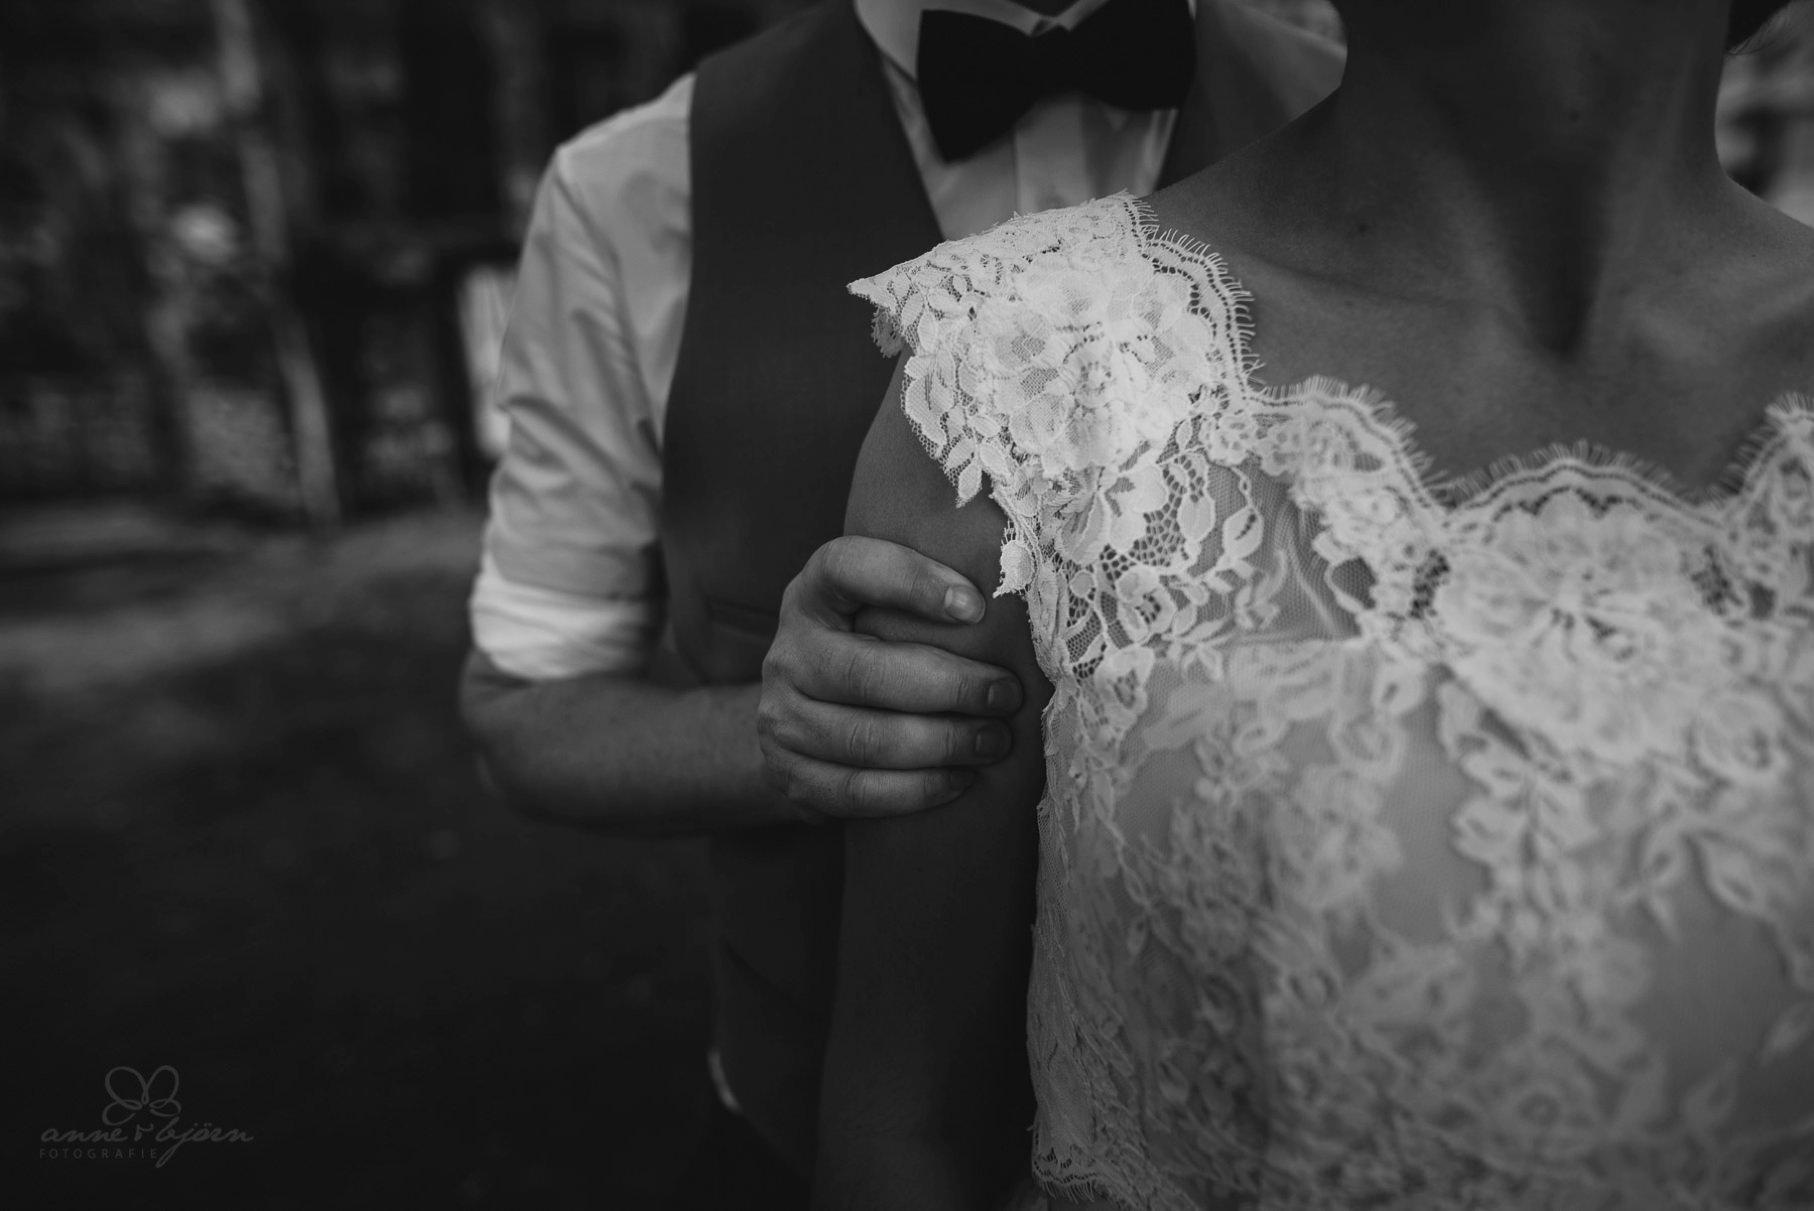 0073 sylwiaundchris d76 4478 - Bunte DIY Hochzeit in der Fabrik 23 - Berlin